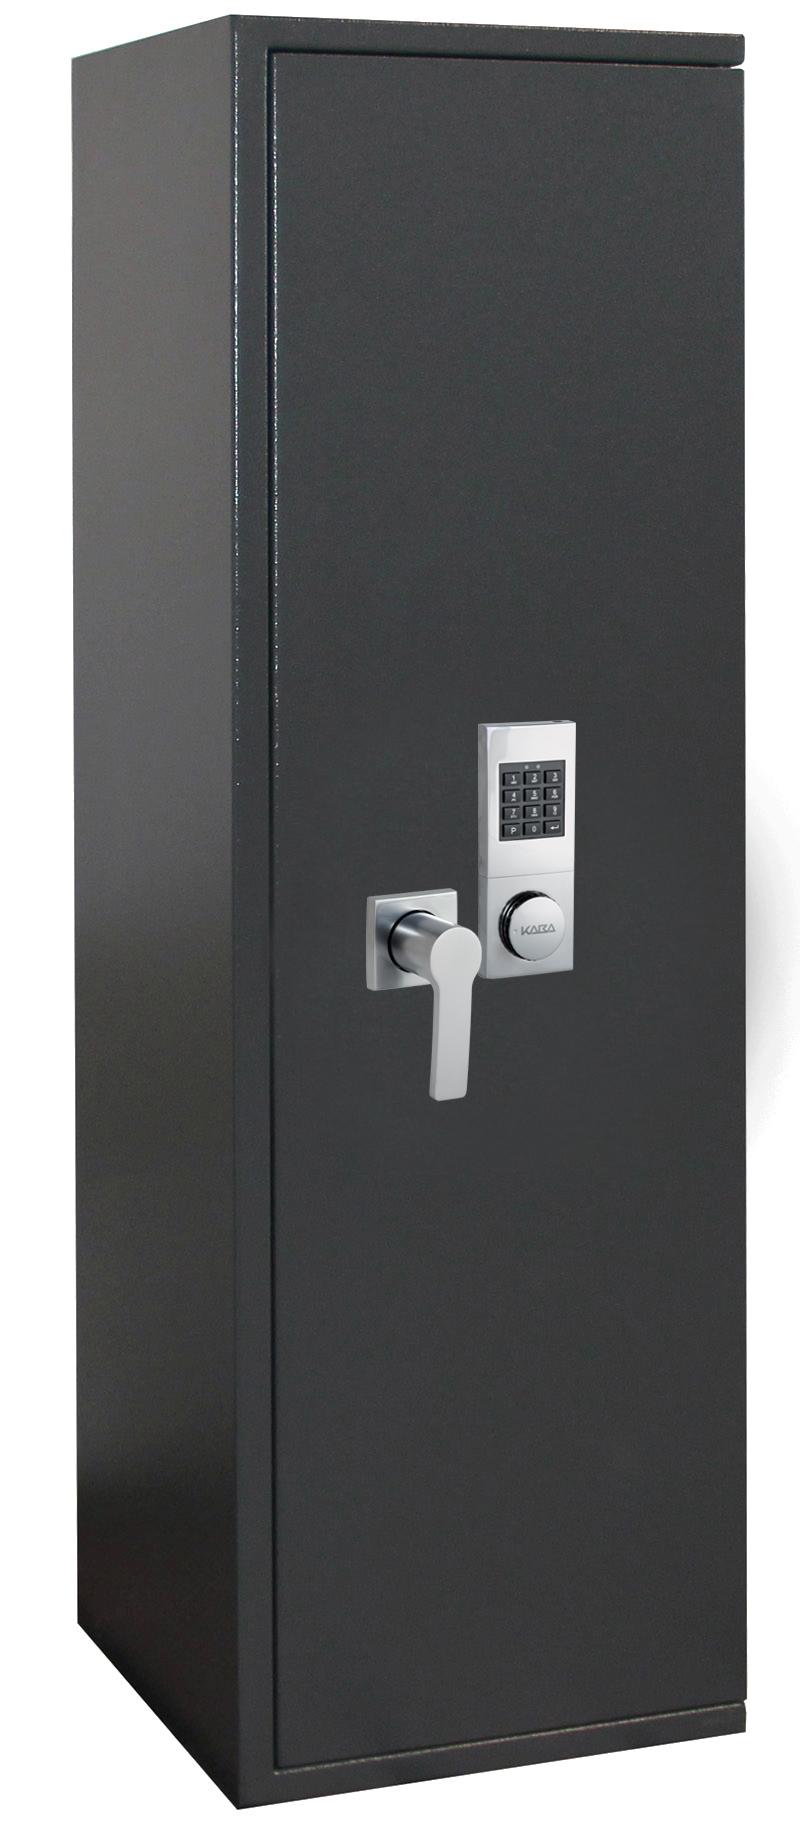 kurzwaffentresor grad 1 en 1143 1 security safe 1 3 125. Black Bedroom Furniture Sets. Home Design Ideas